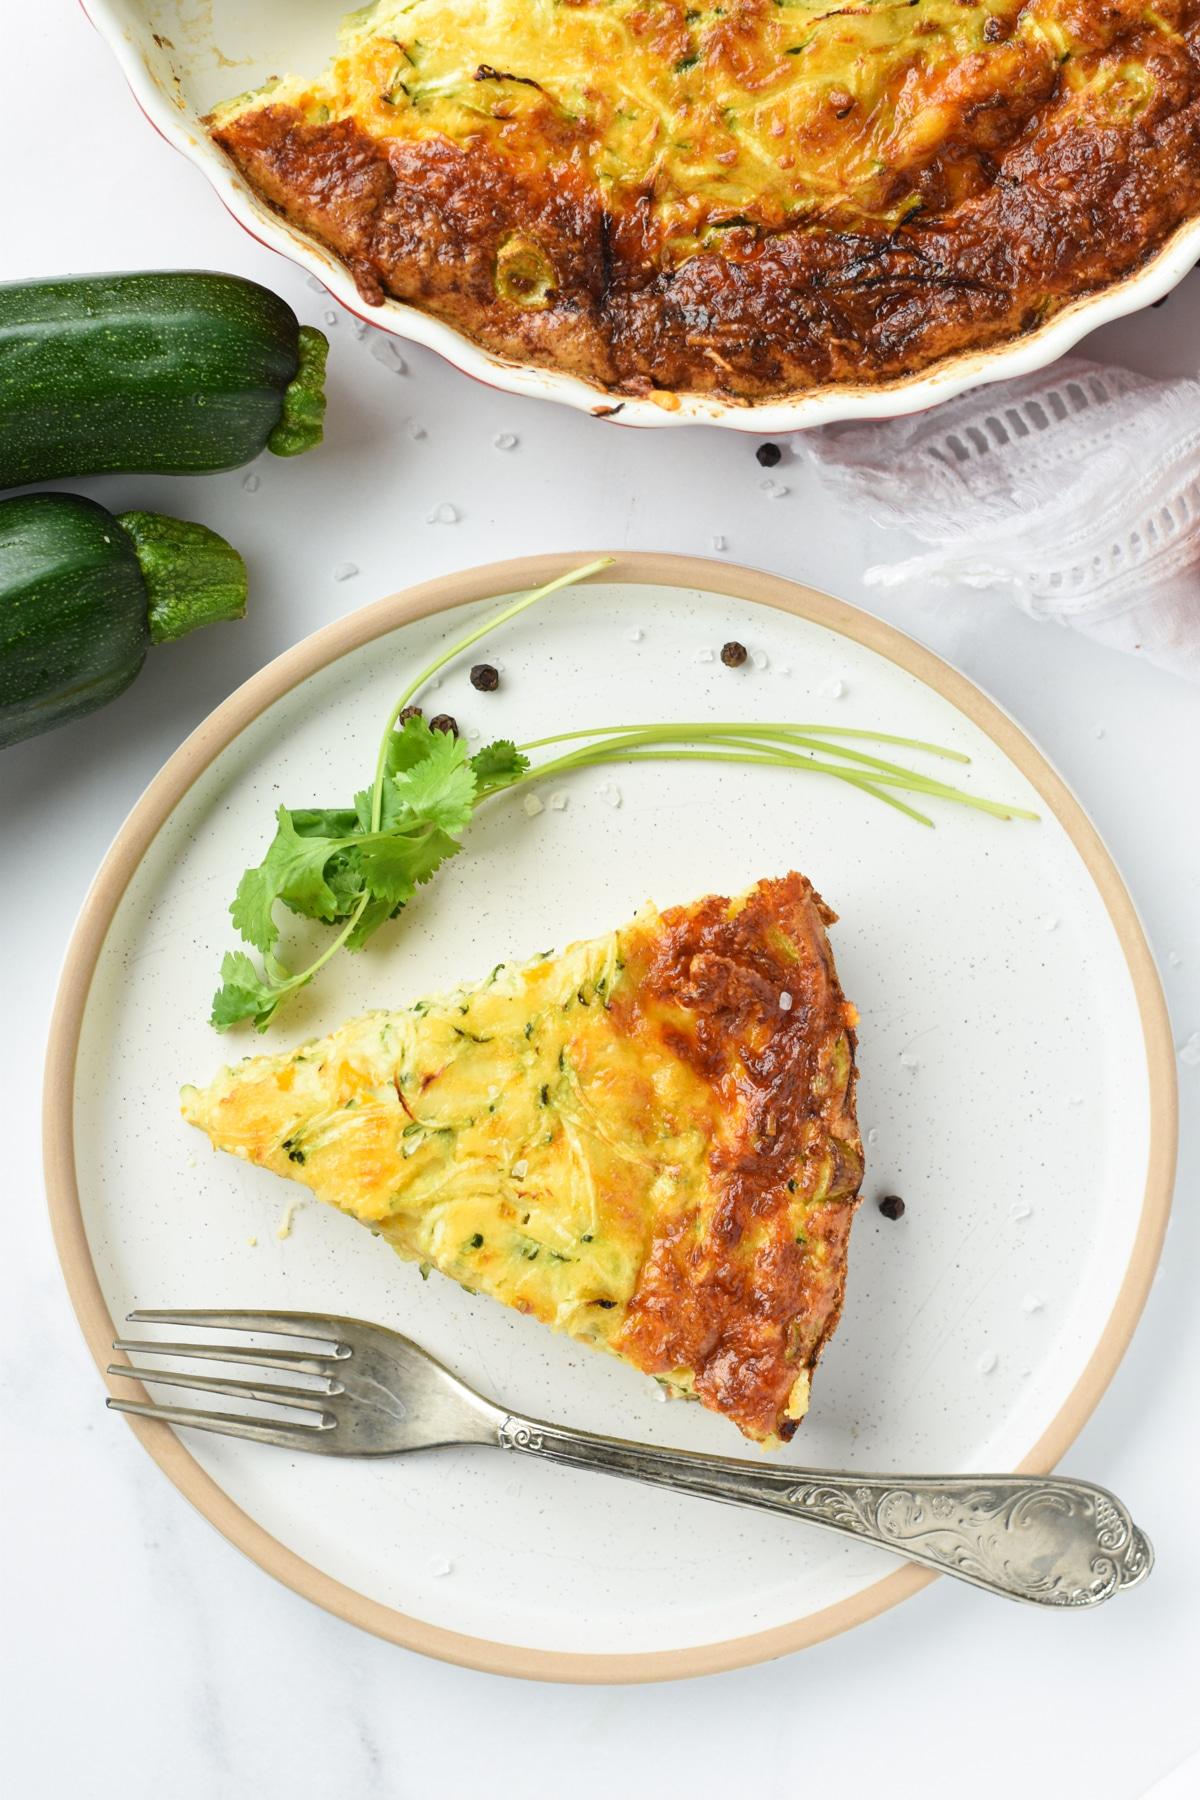 Keto Crustless Zucchini Pie